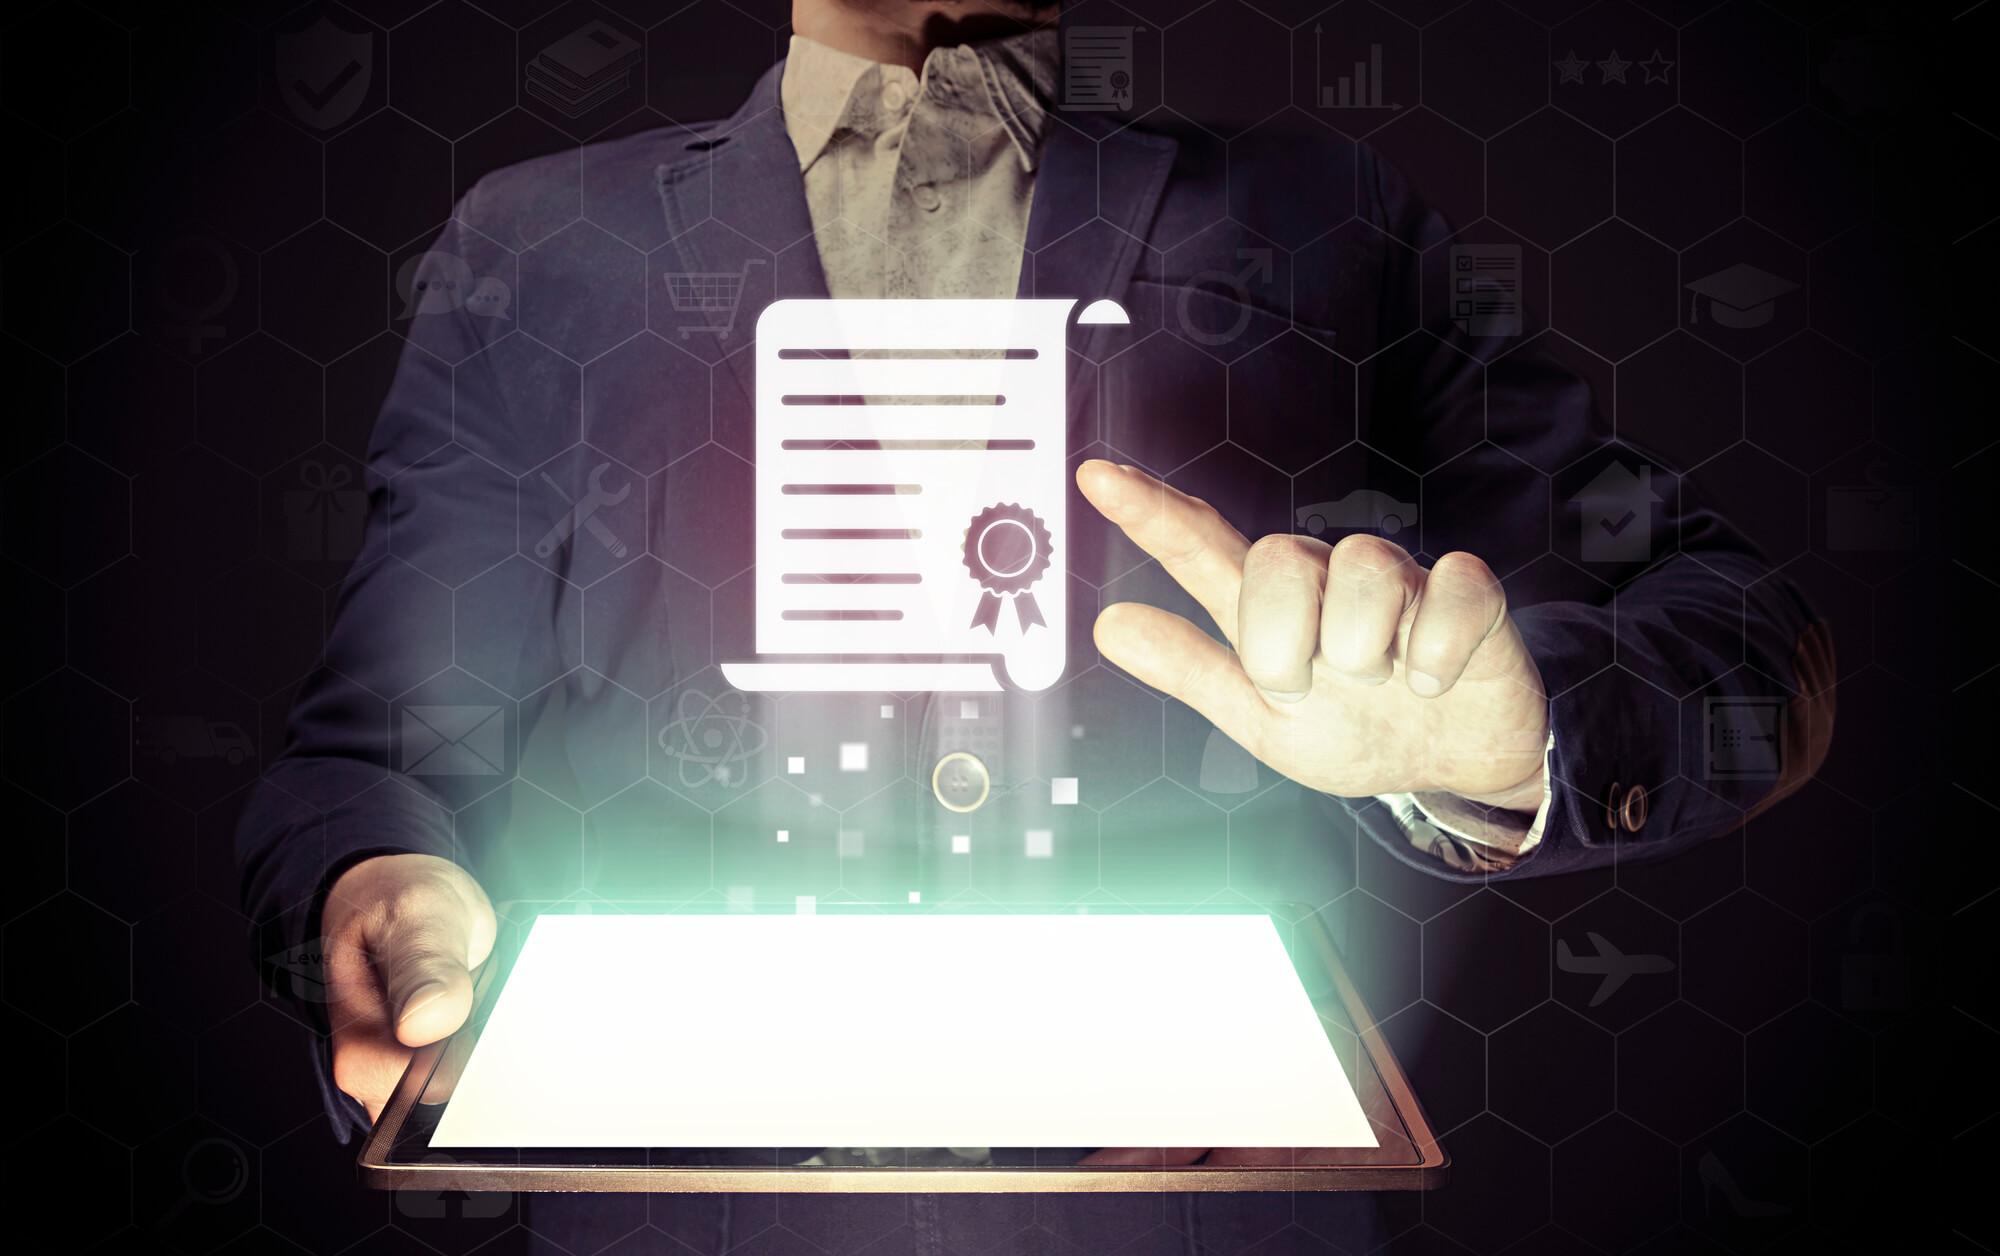 Certificado Digital: Como Utilizá-lo Na Prática?